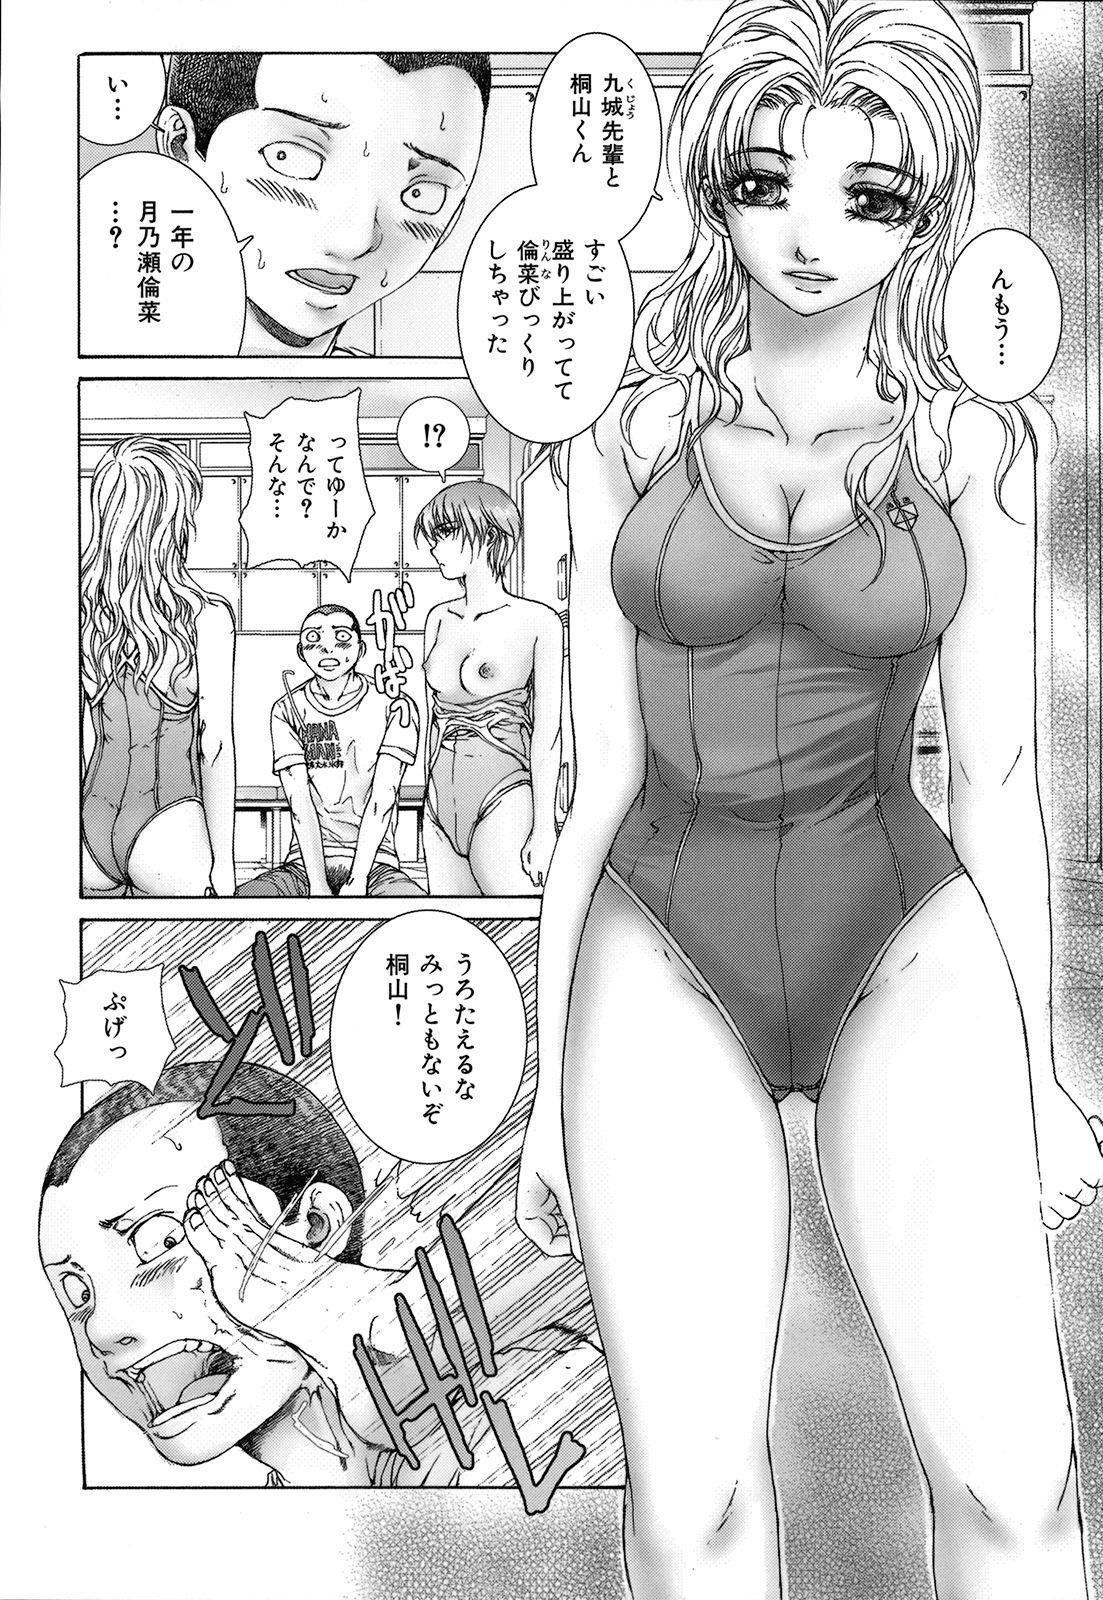 Kou Musume 75